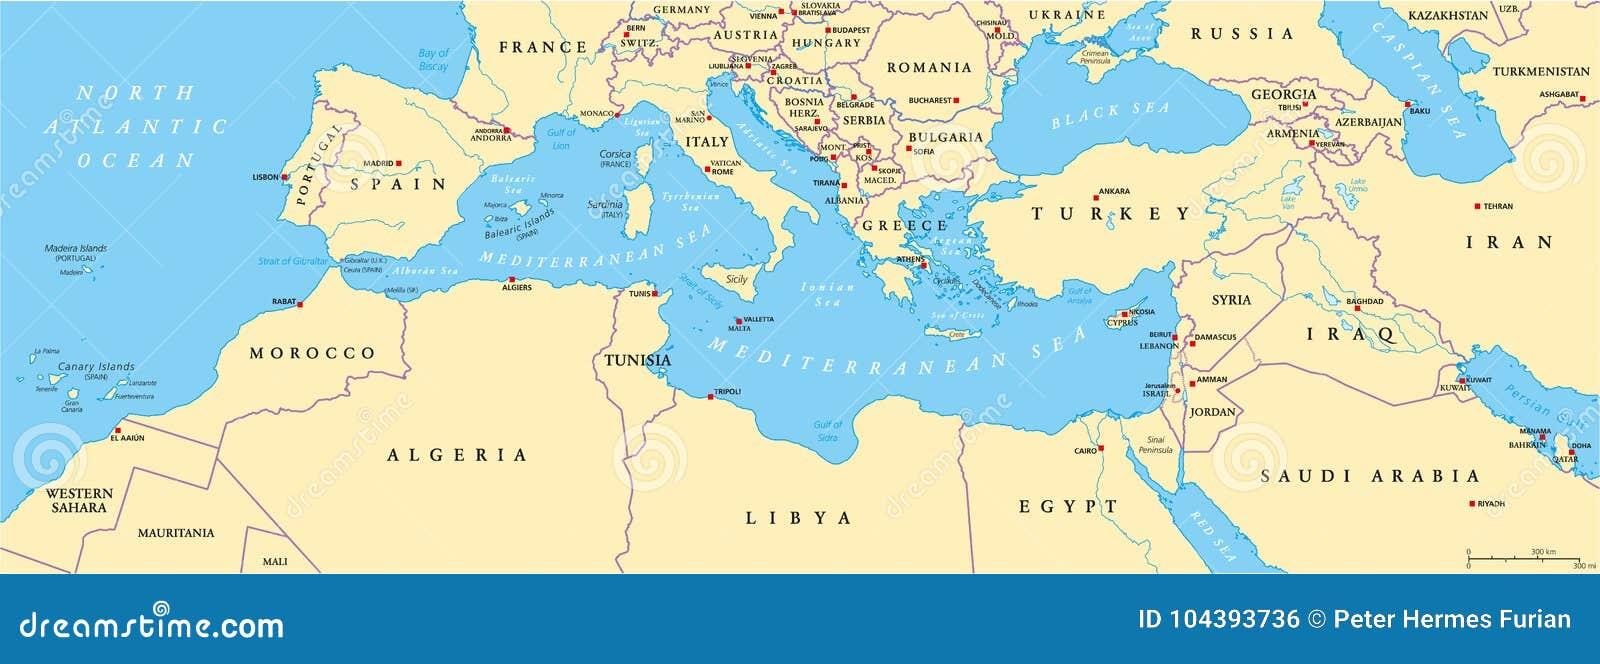 Cartina Fisica Mediterraneo Orientale.Mappa Politica Del Bacino Del Mediterraneo Illustrazione Vettoriale Illustrazione Di Europa Orientale 104393736